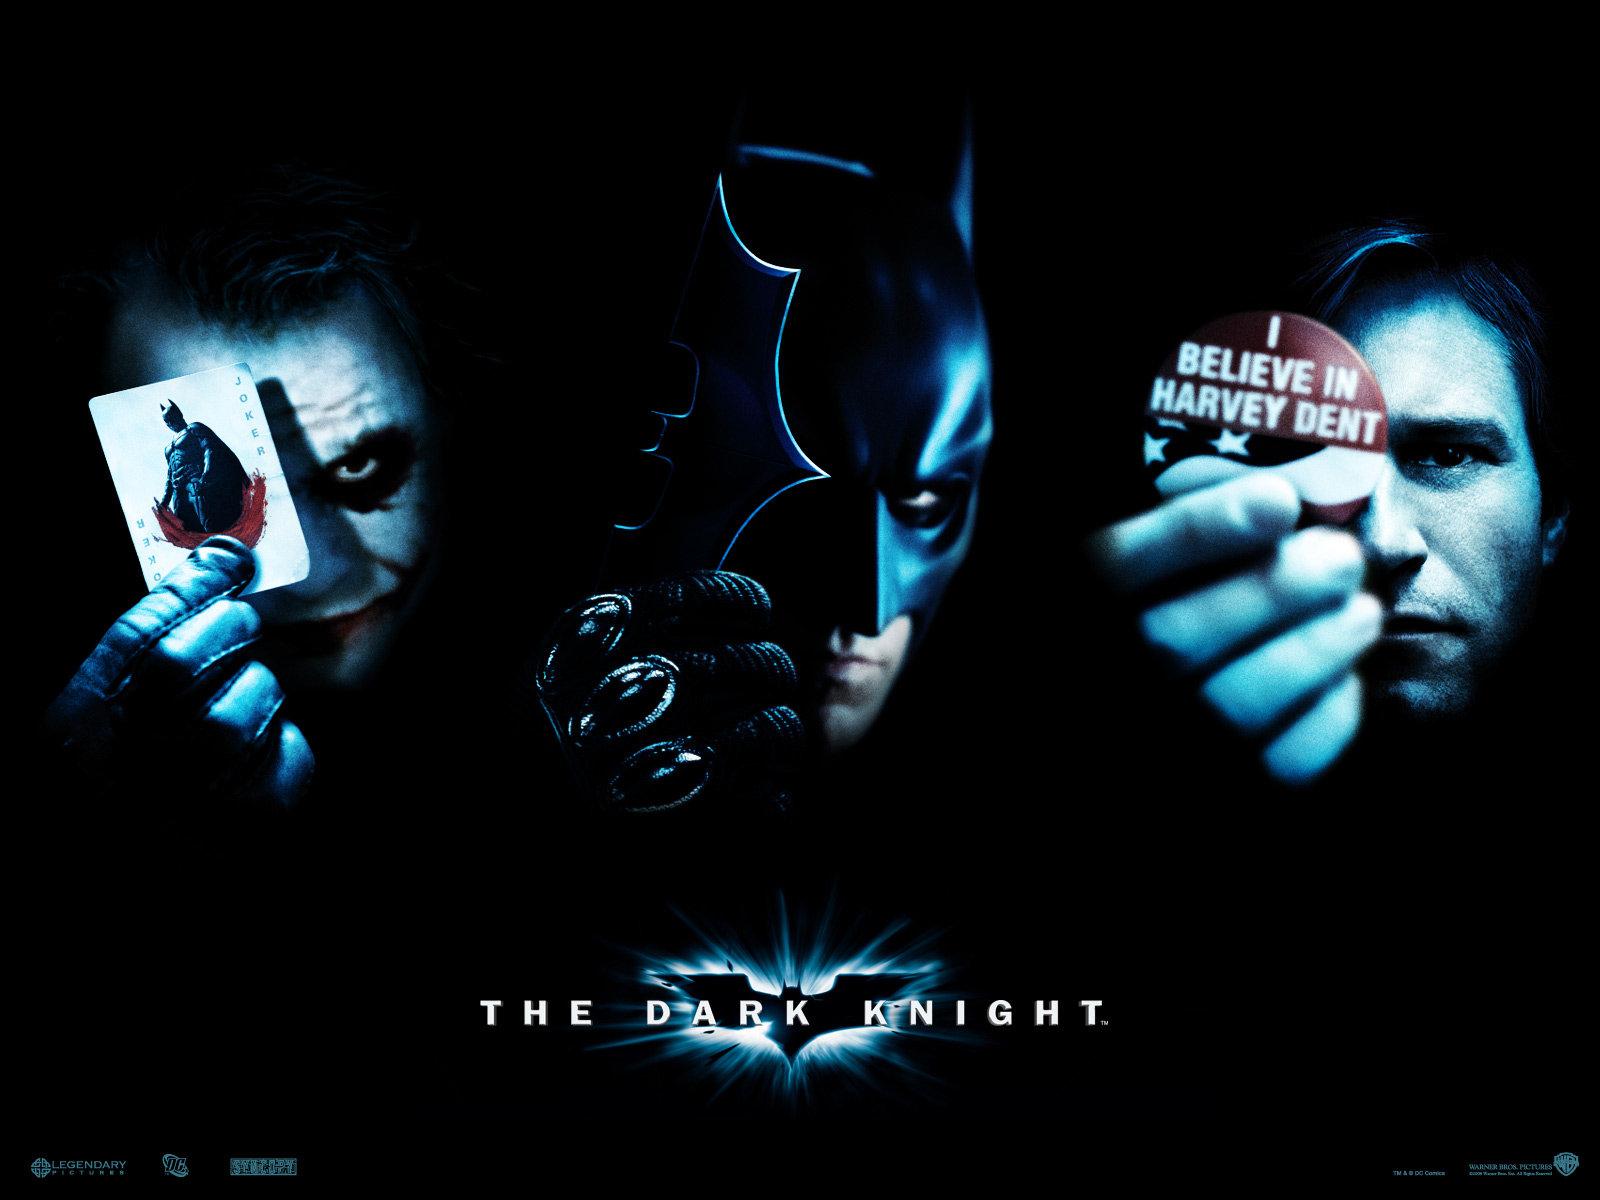 http://2.bp.blogspot.com/-gpTlkFjuYdQ/UBUa_QscACI/AAAAAAAAAnk/q_YJlMx6Glk/s1600/the_dark_knight29.jpeg